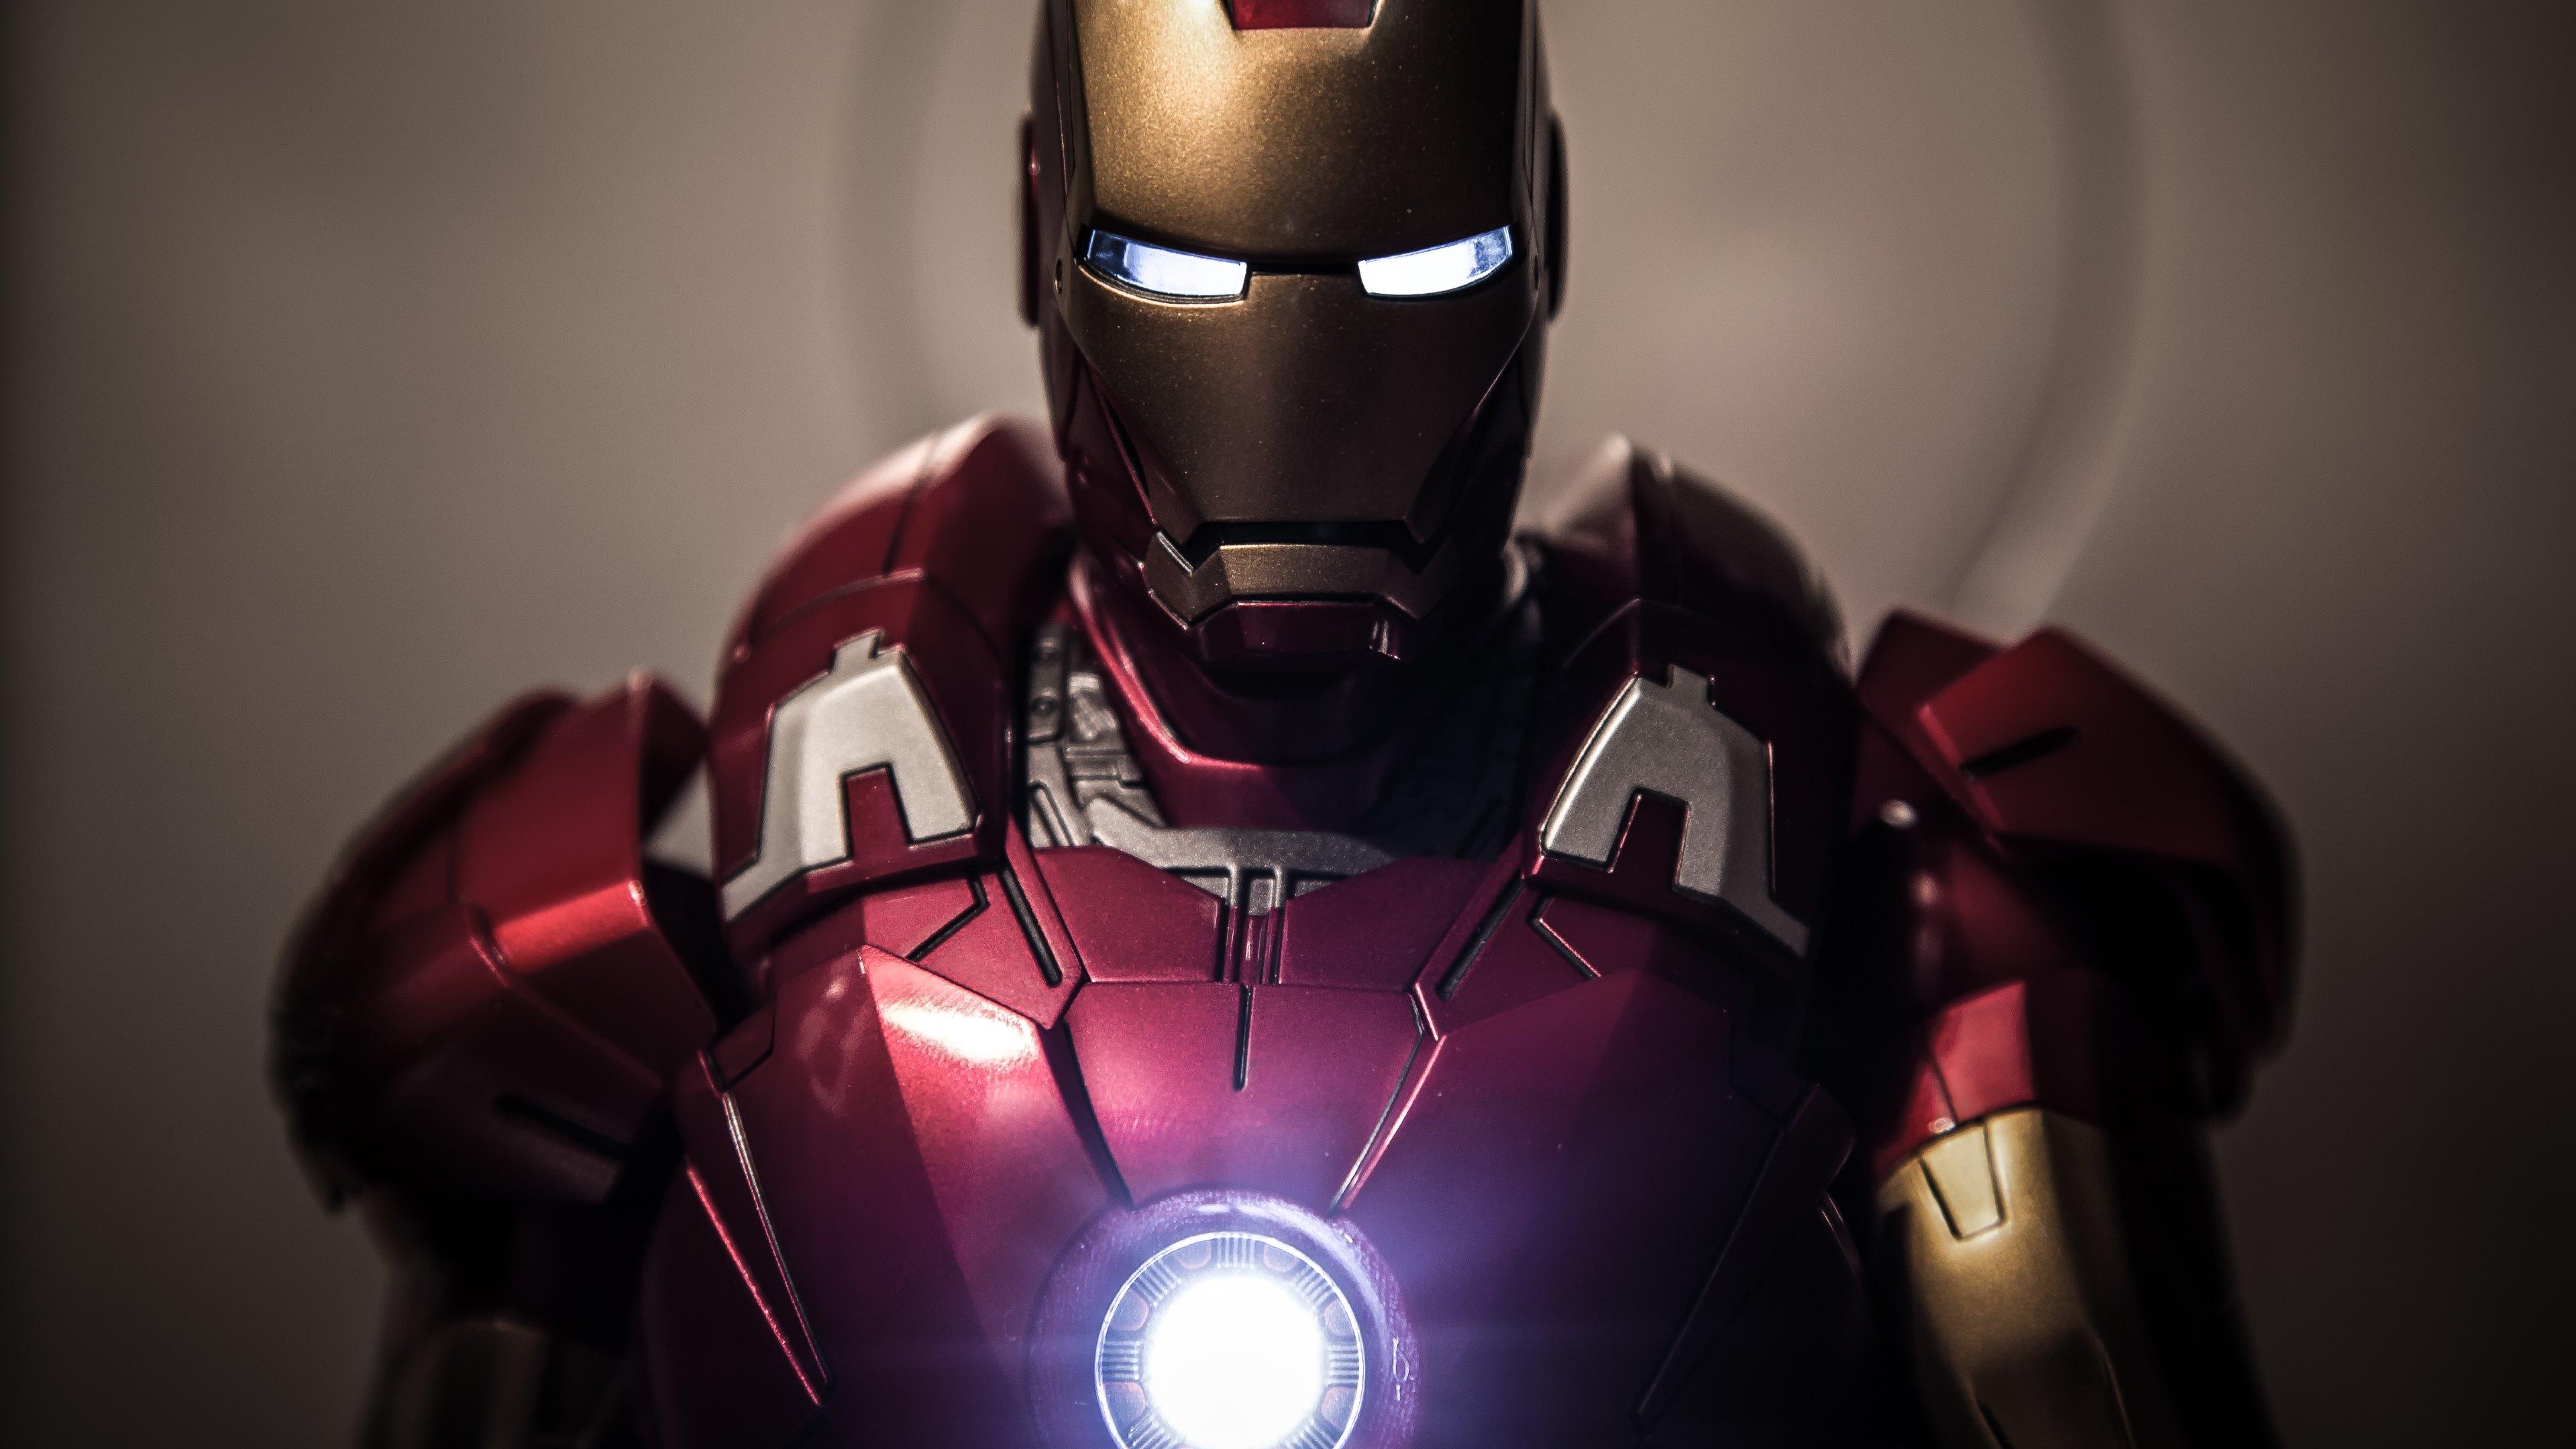 Iron man fonds d 39 cran arri res plan 3840x2160 id 551538 - Iron man telecharger ...